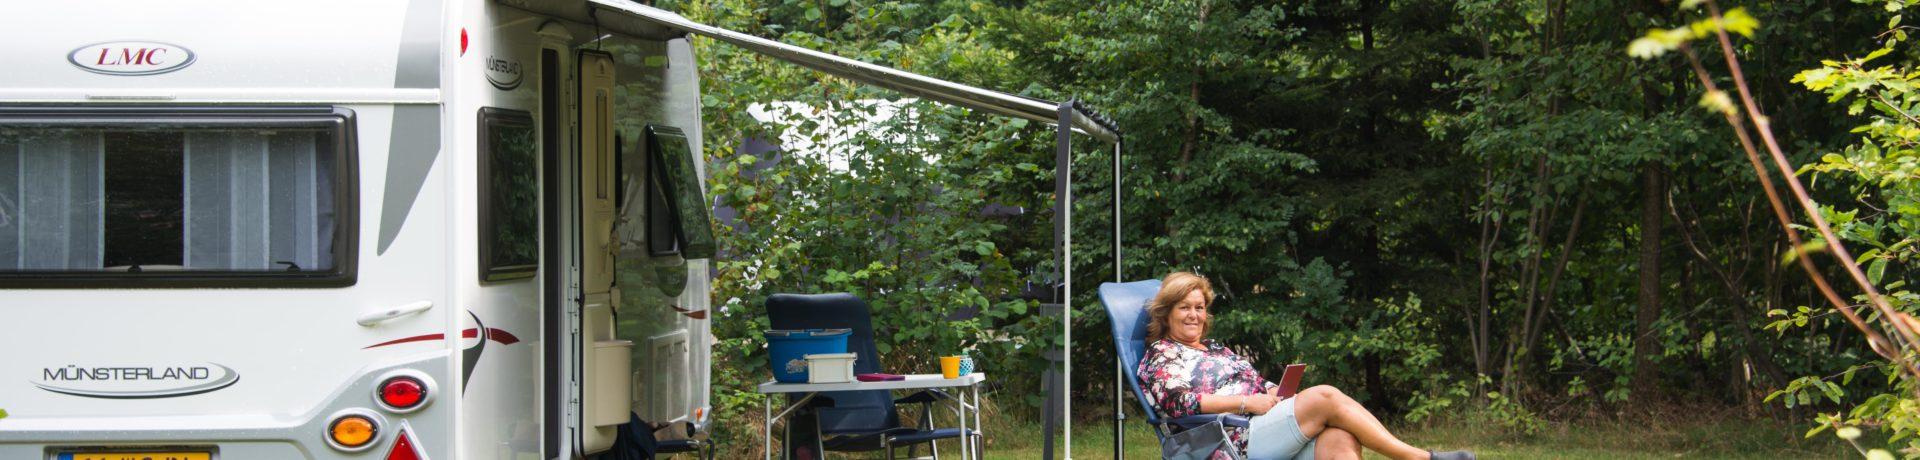 Camping Wiltzangh in Ruinen ist ein Charme Camping mit Schwimmbad in Drente am Wald in Der Niederlande.